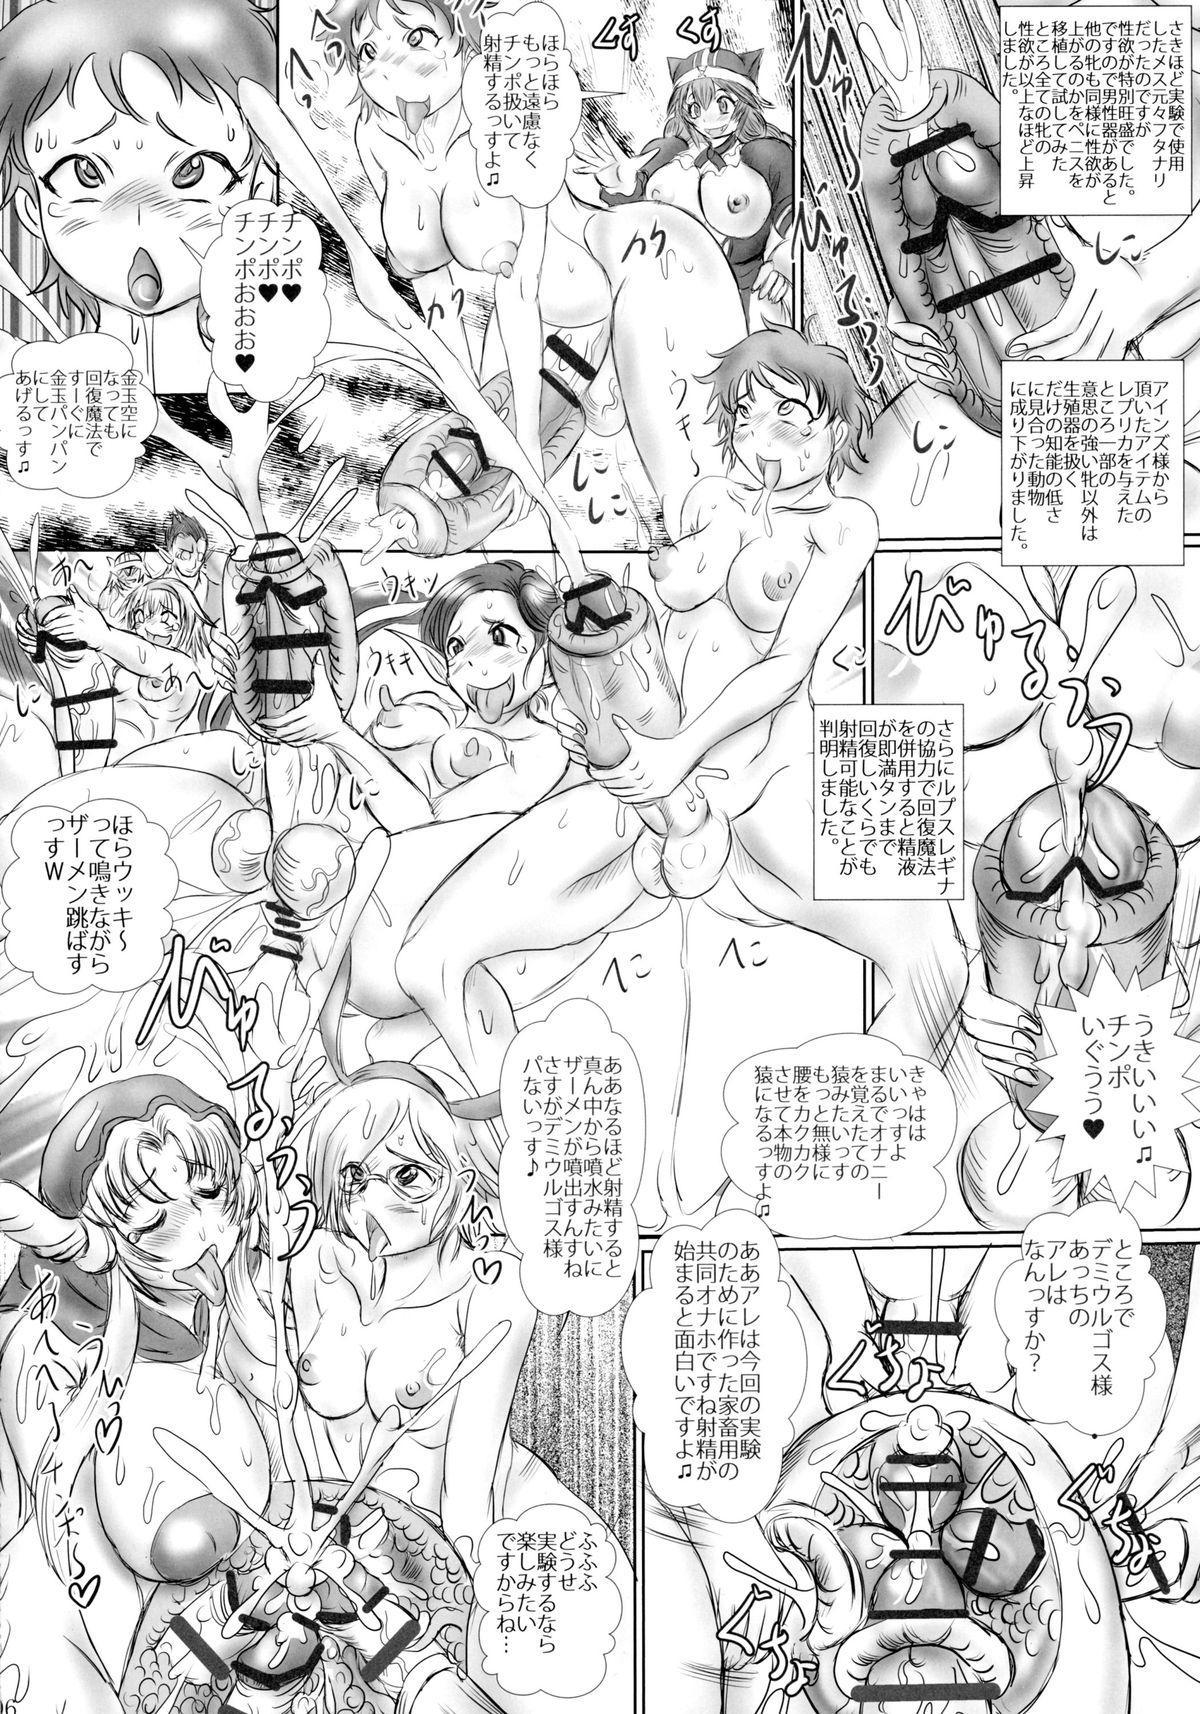 Oideyo! Nazarick no Futanari Bokujou 5